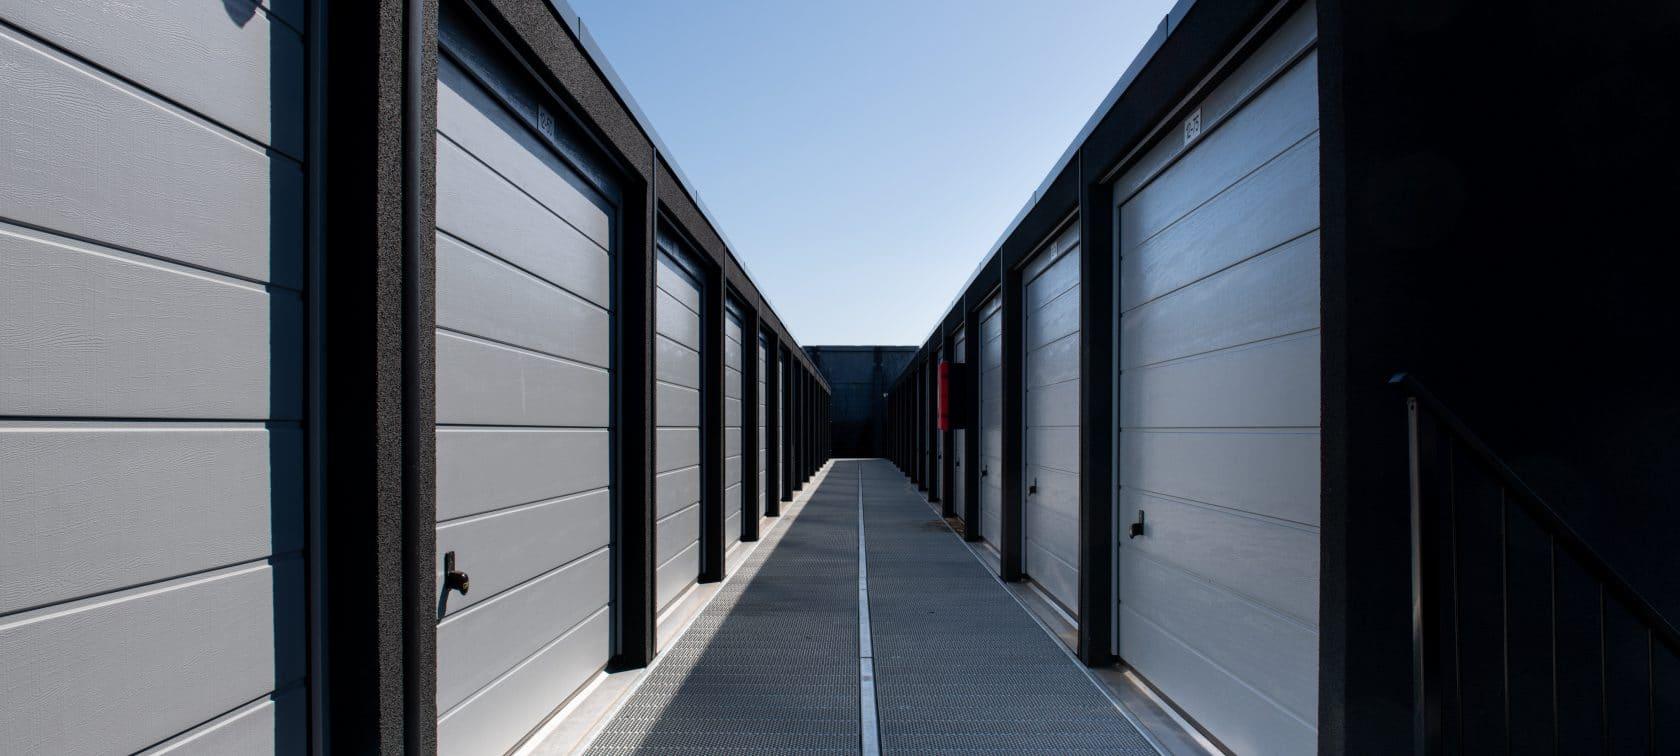 GaragePark Blaricum 2 etageboxen - garageboxen